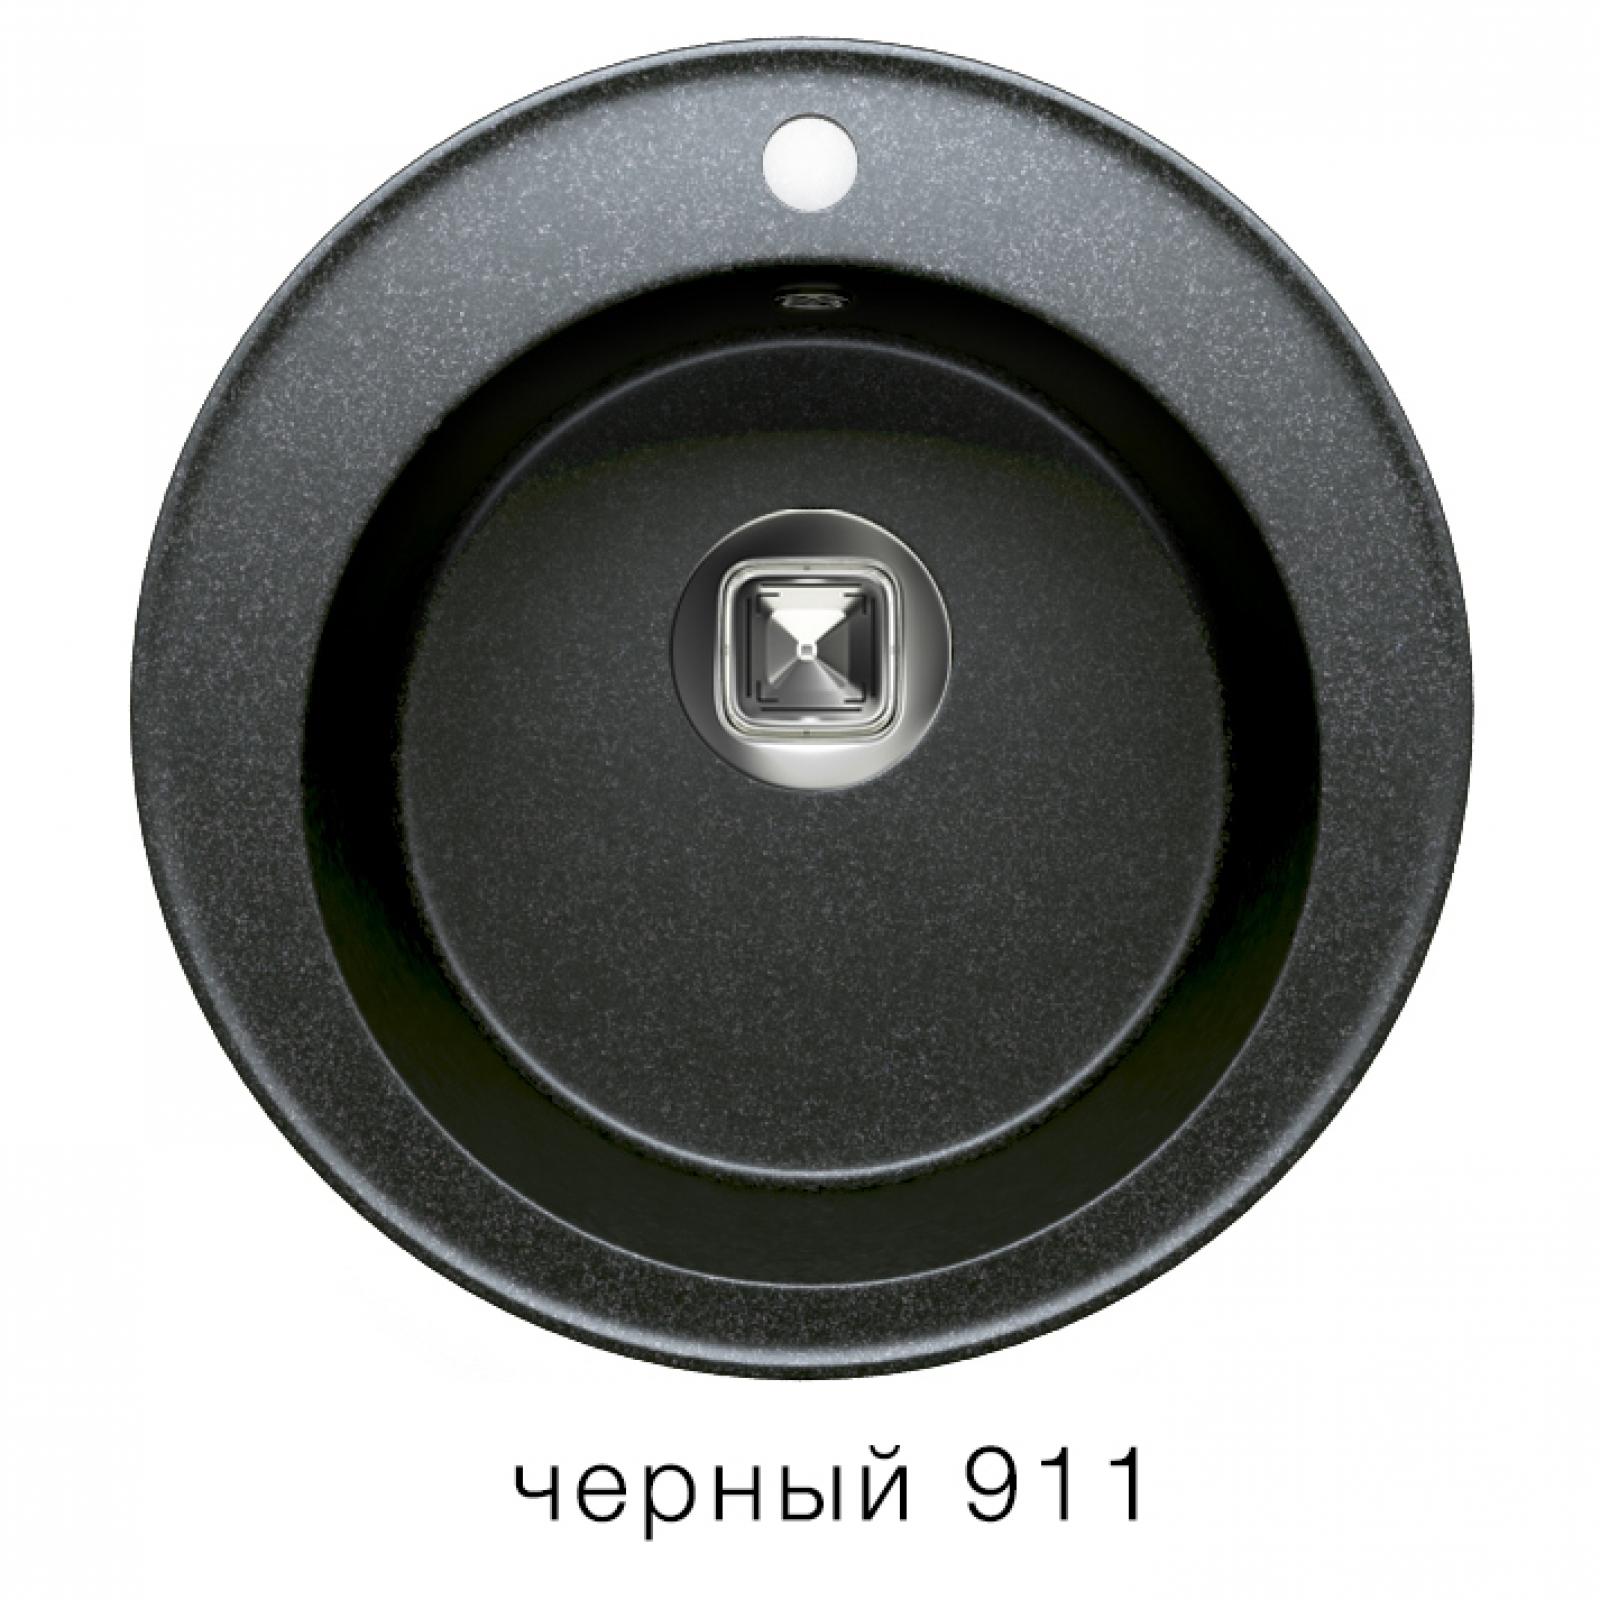 Мойка Tolero-R-108-911, цвет - Черный